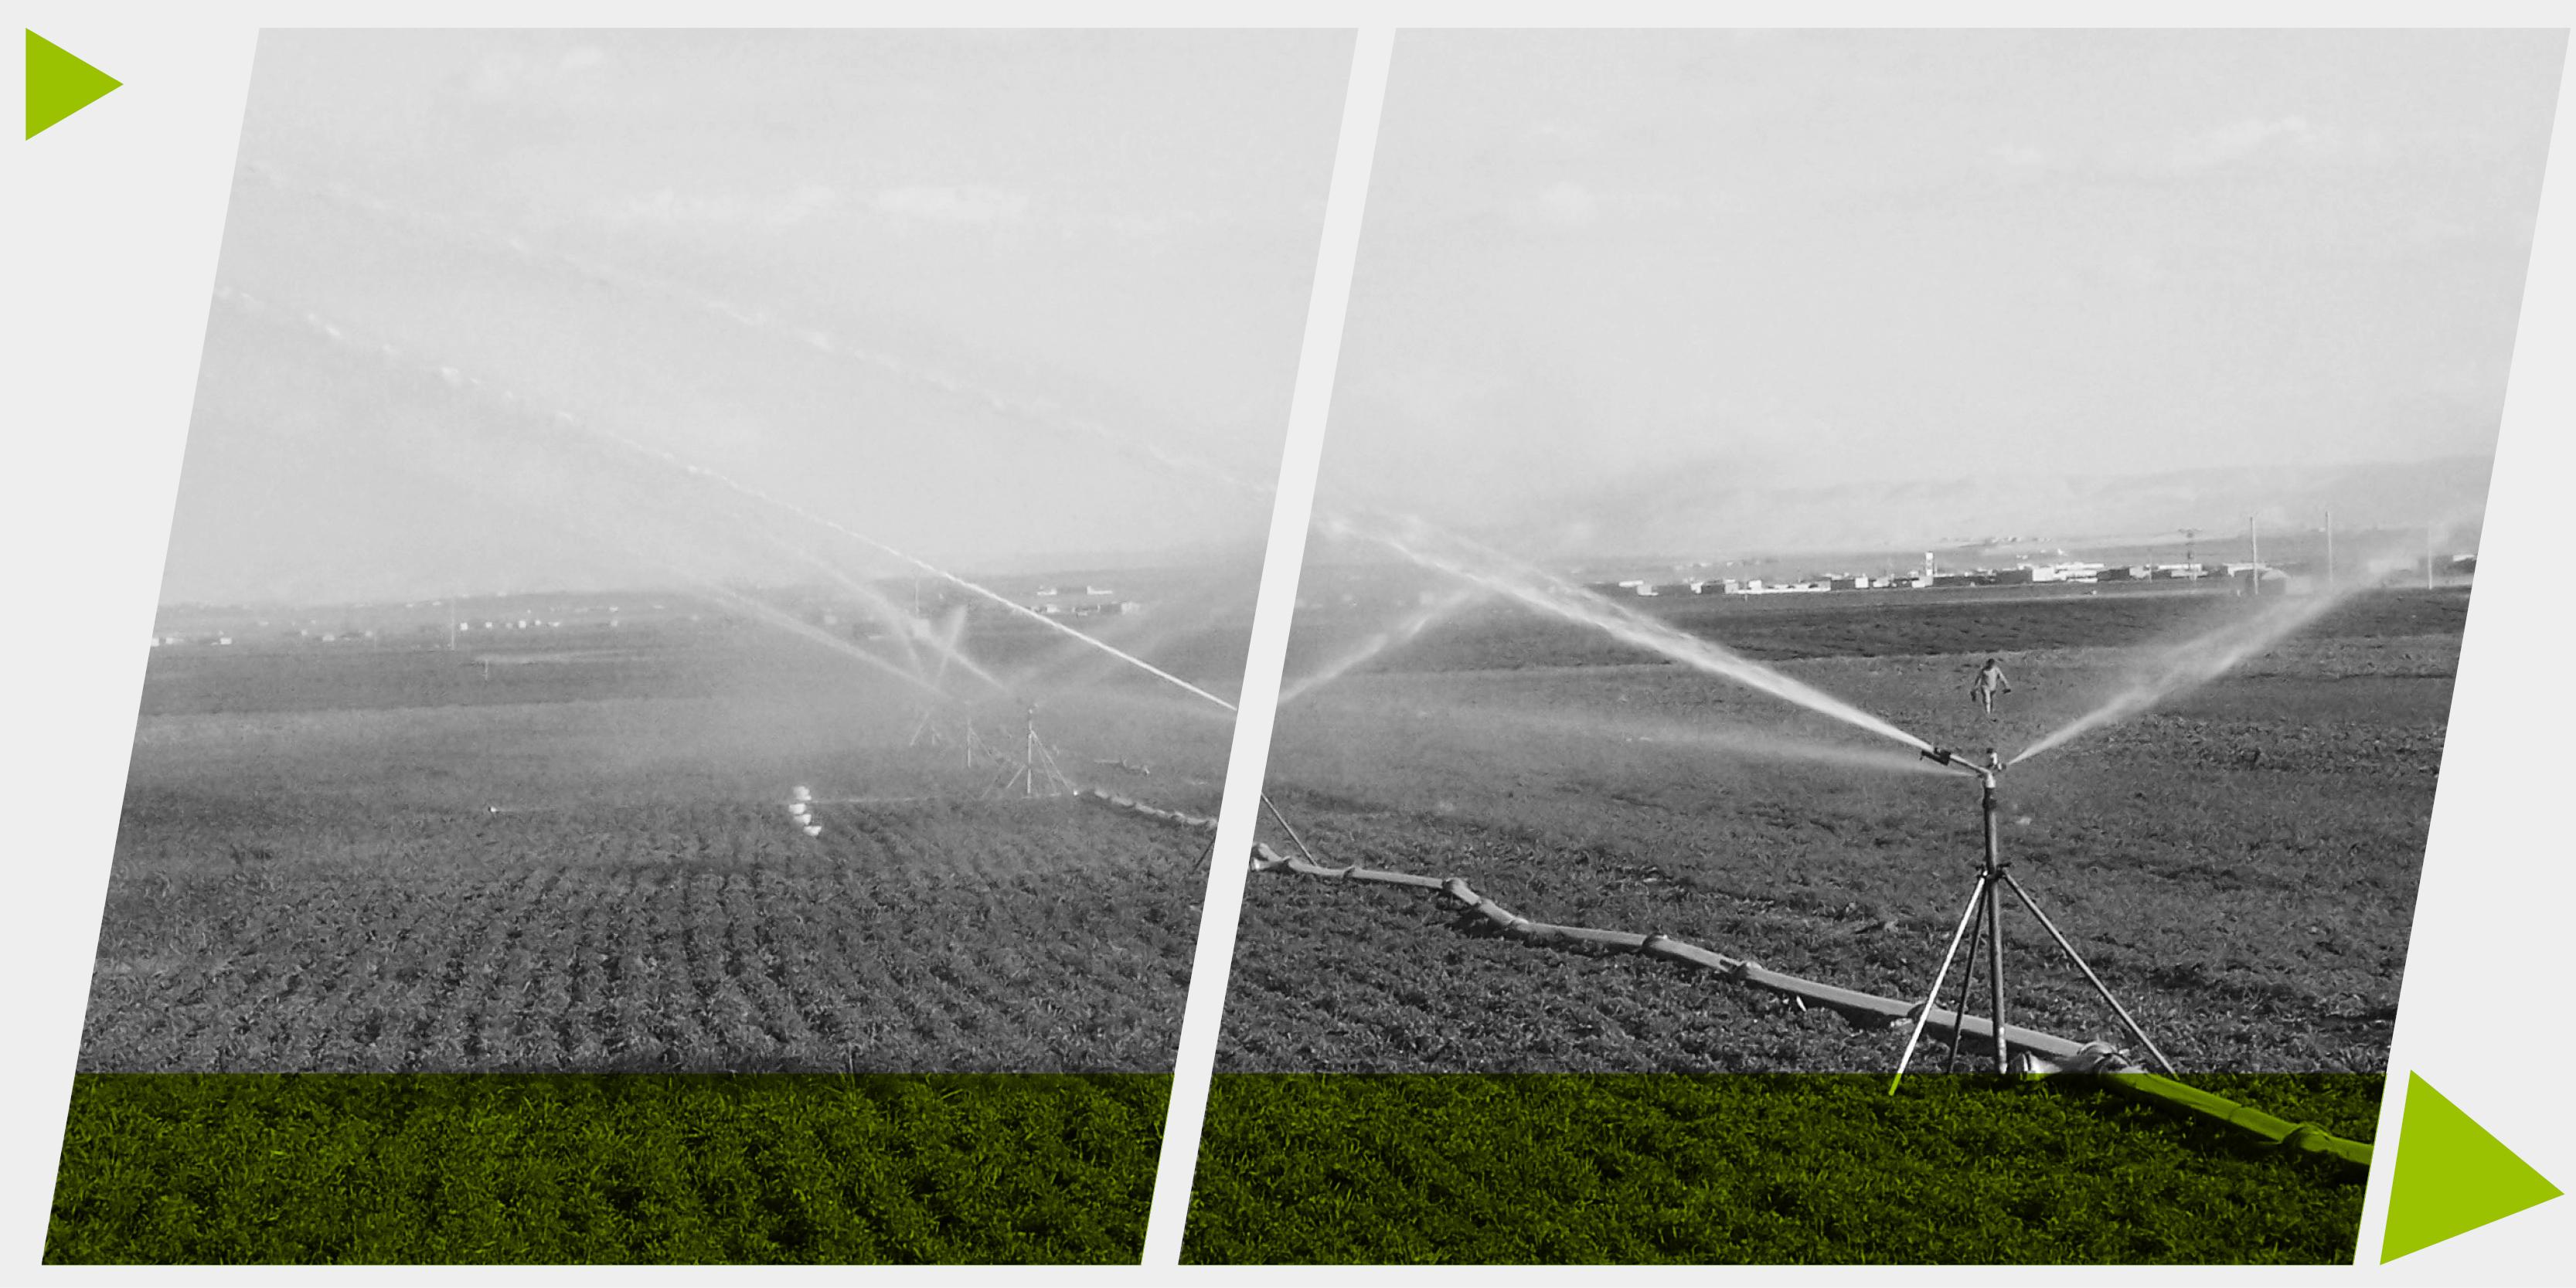 raccordi sferici per l'irrigazione type D dallai